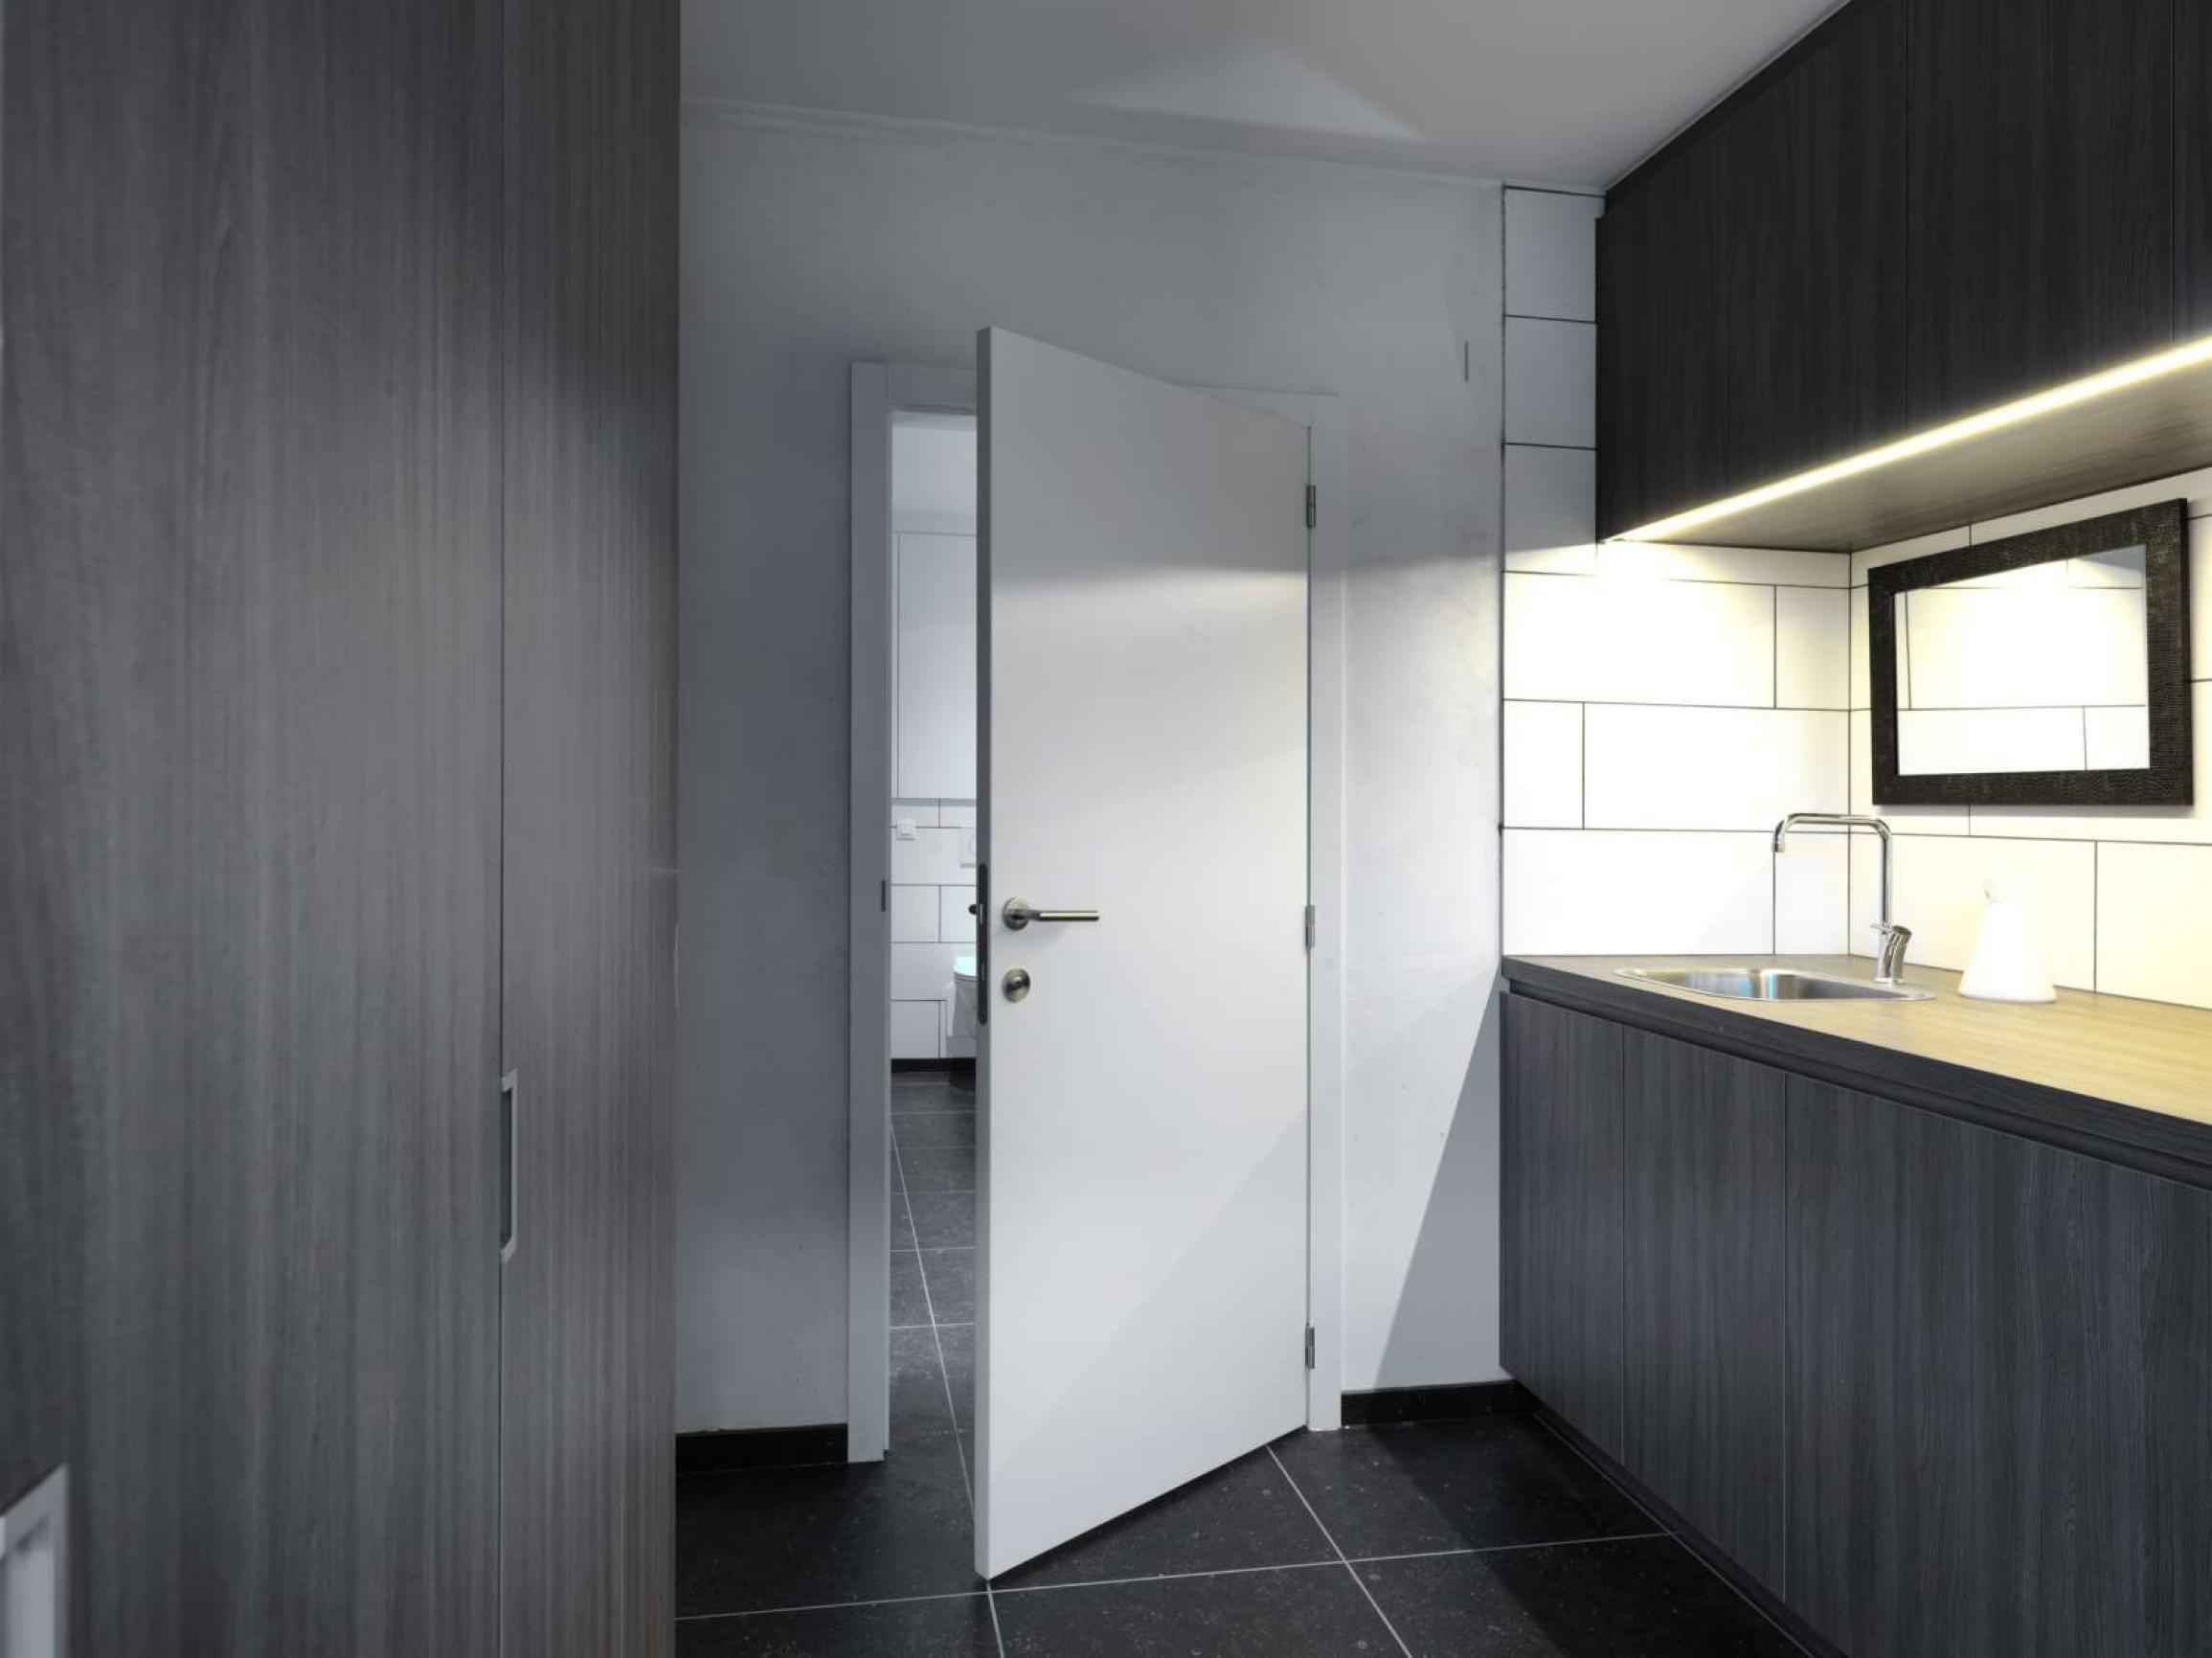 nordex-essentials-deuren-1-2400